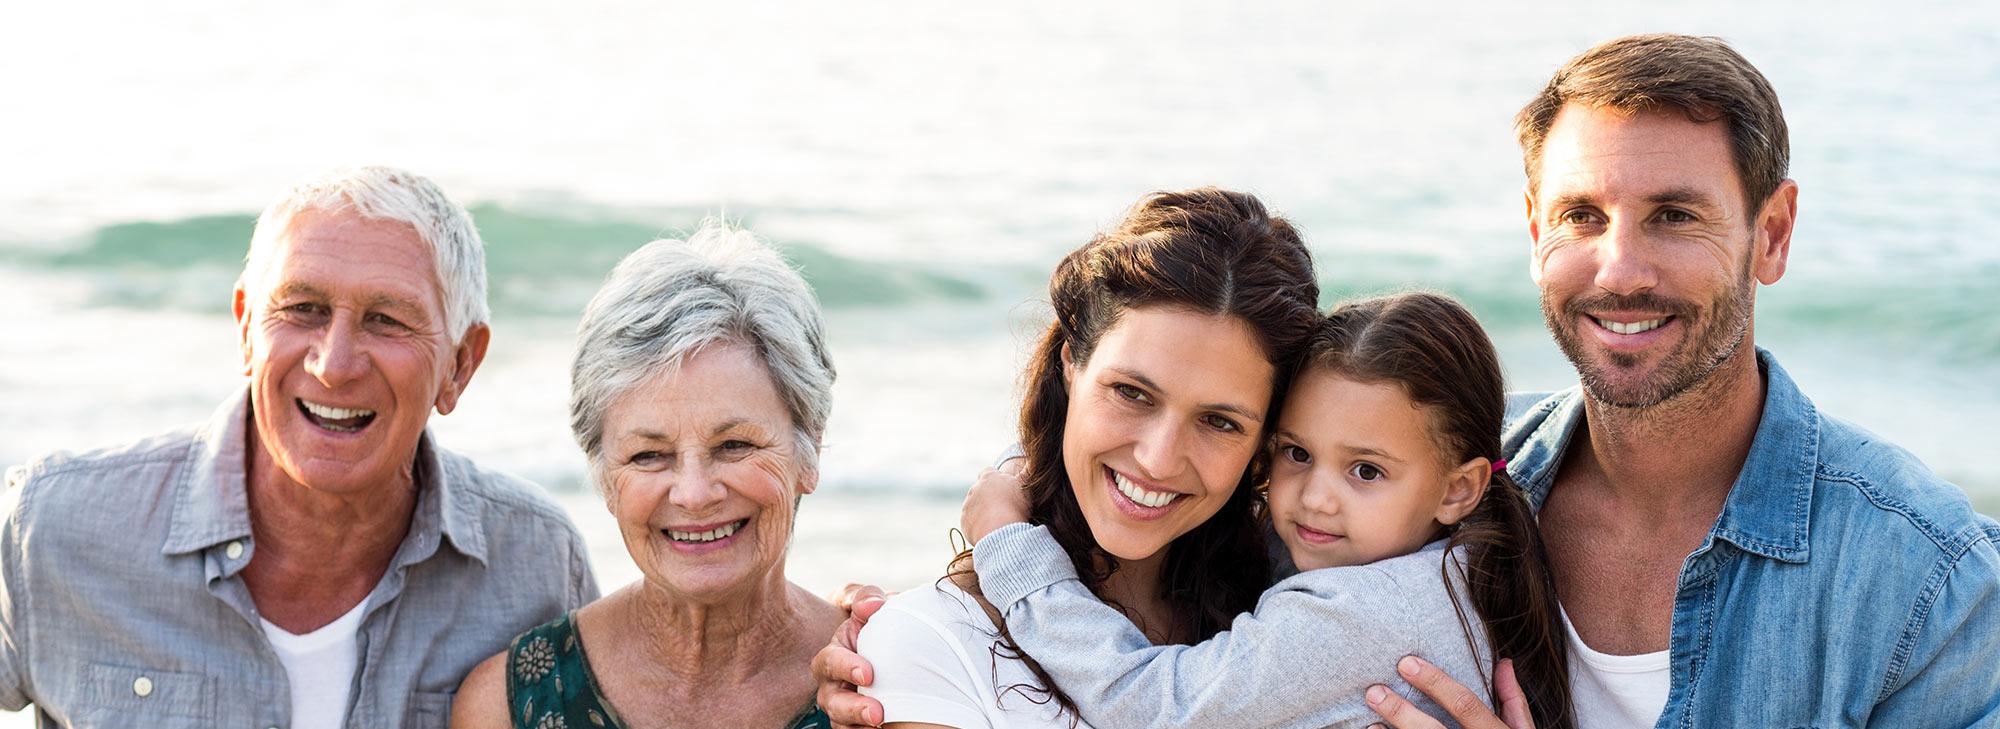 lemont family dental dentist lemont il